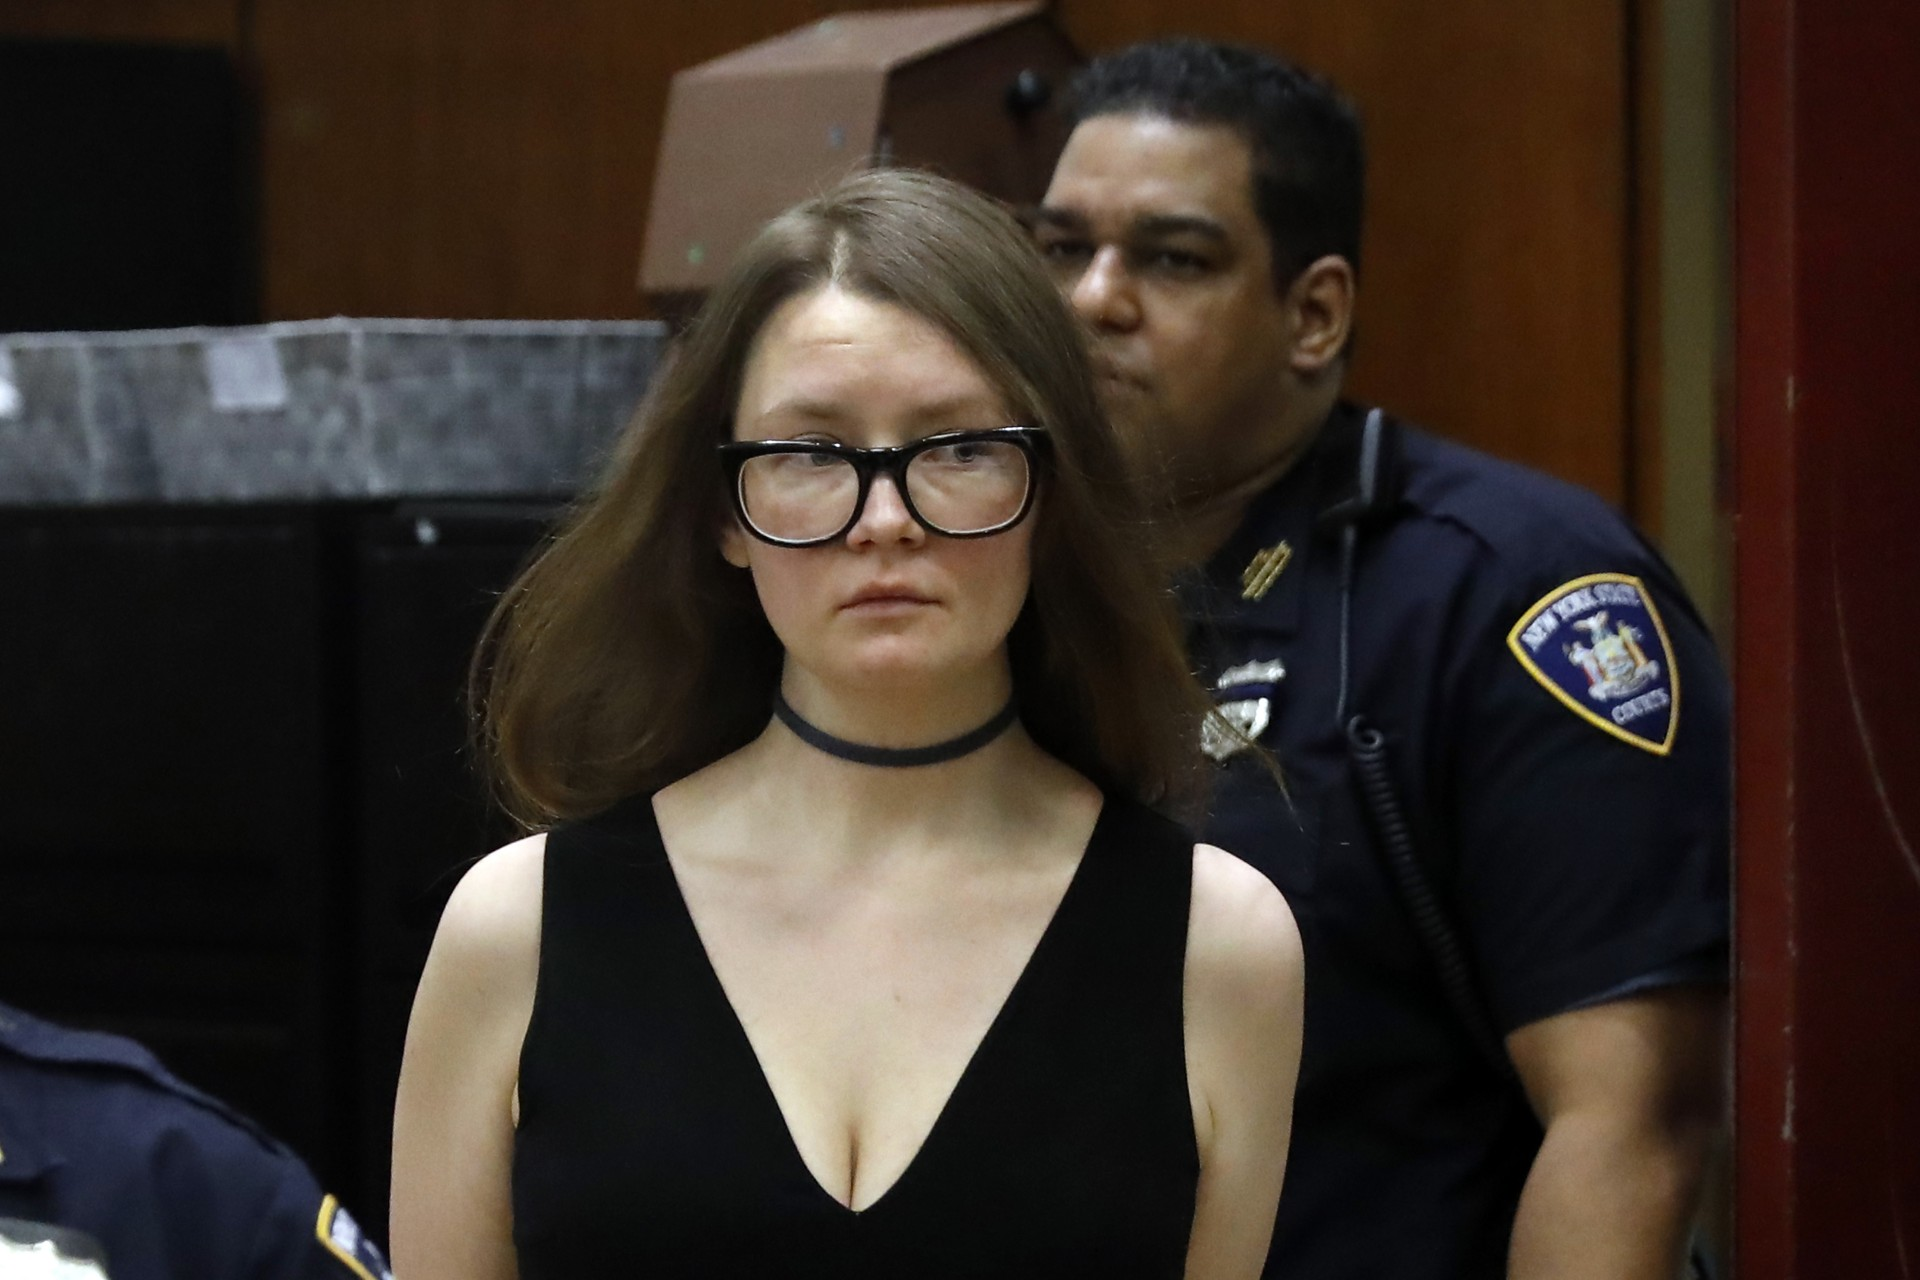 Anna Sorokin se presentó en su juicio en Nueva York con prendas de alta costura, como si fuese una pasarela de modas (Foto: Richard Drew/ AP)